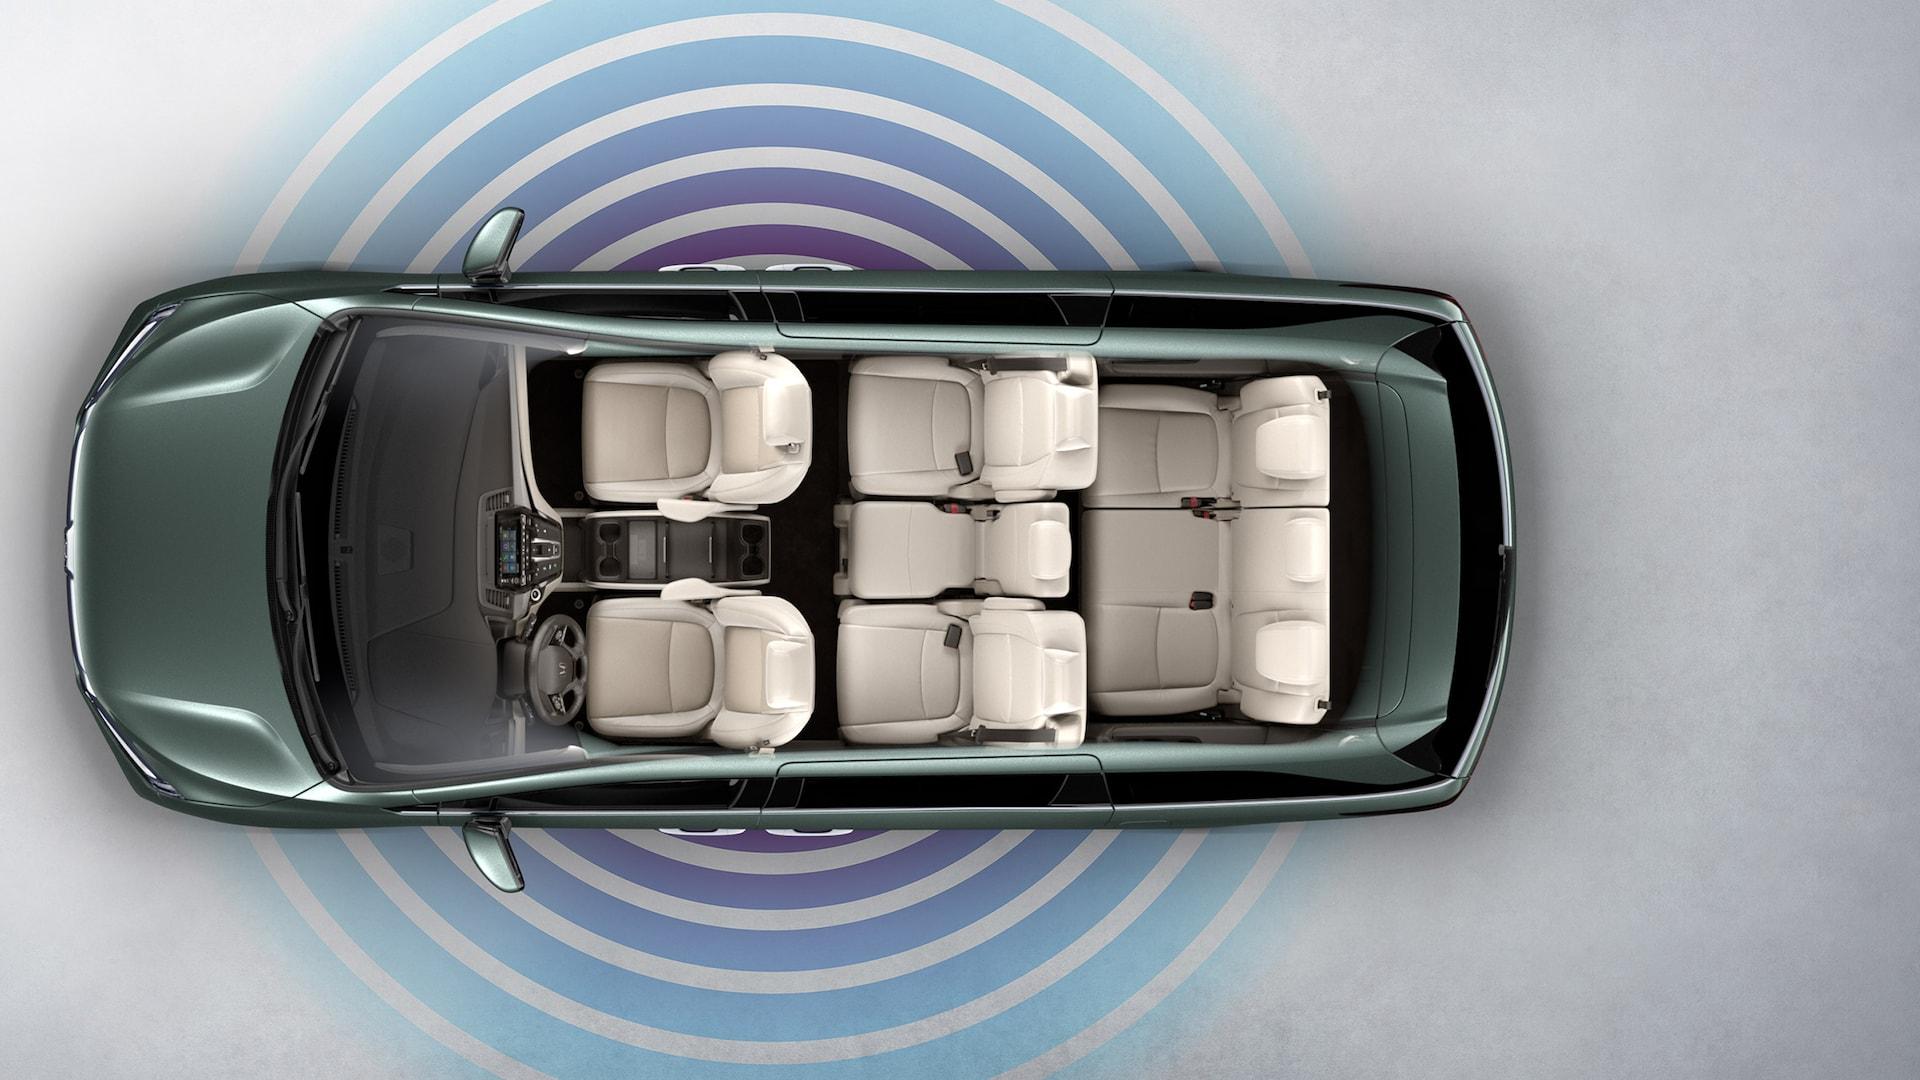 Vista aérea de la Honda Odyssey Elite2020 en Forest Mist Metallic con superposición de gráficos de la zona interactiva móvil.